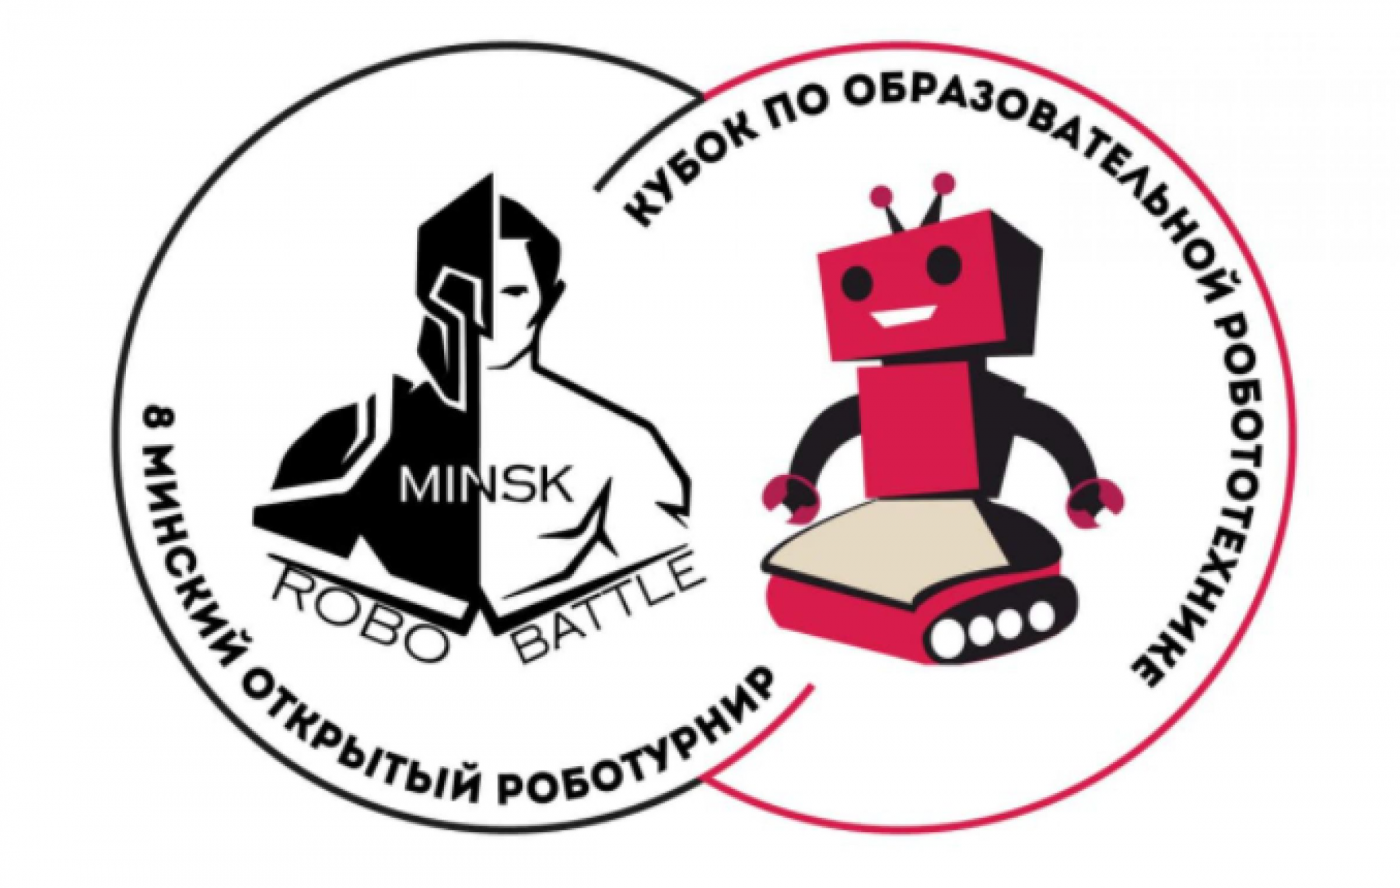 VIII Минский открытый роботурнир, или Битва роботов состоялась!